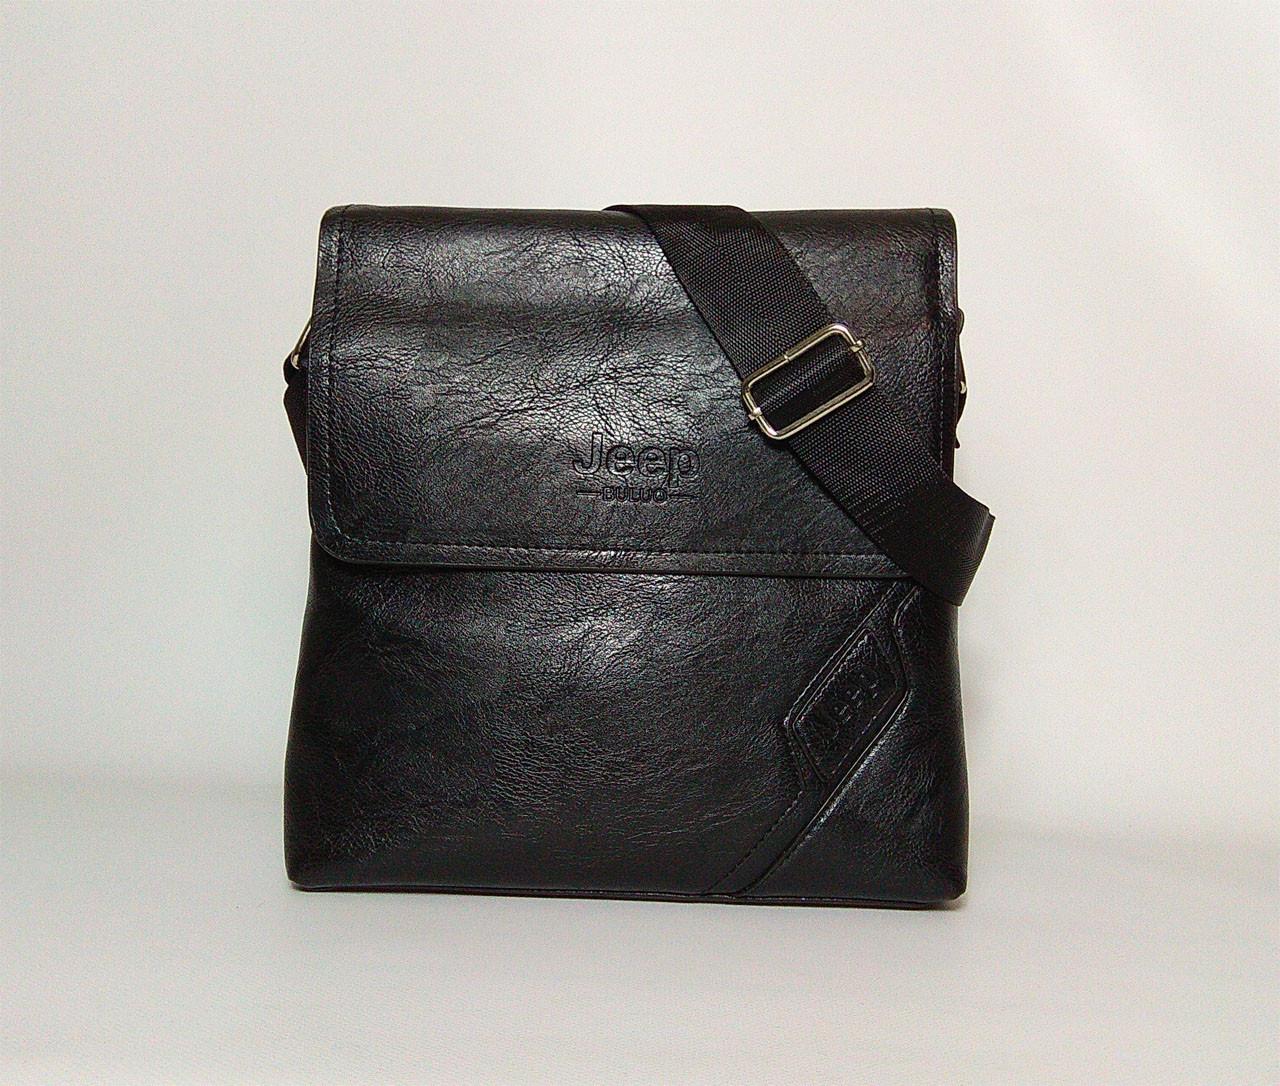 Мужская сумка через плечо в стиле Jeep. Черная. 26x24х5 Кожа PU / 05-2 black